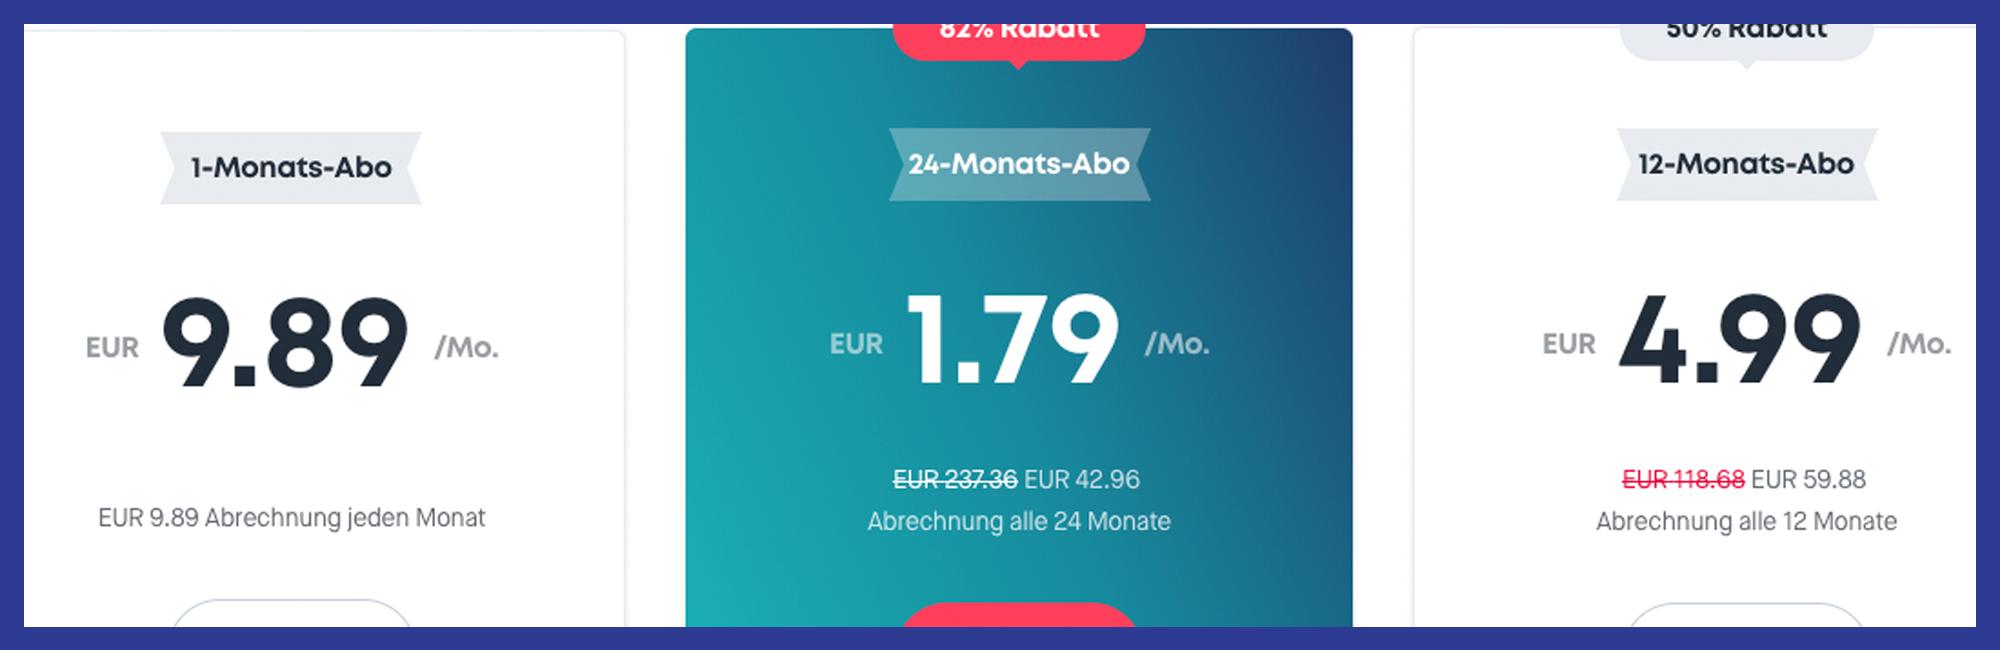 Surfshark VPN Preise